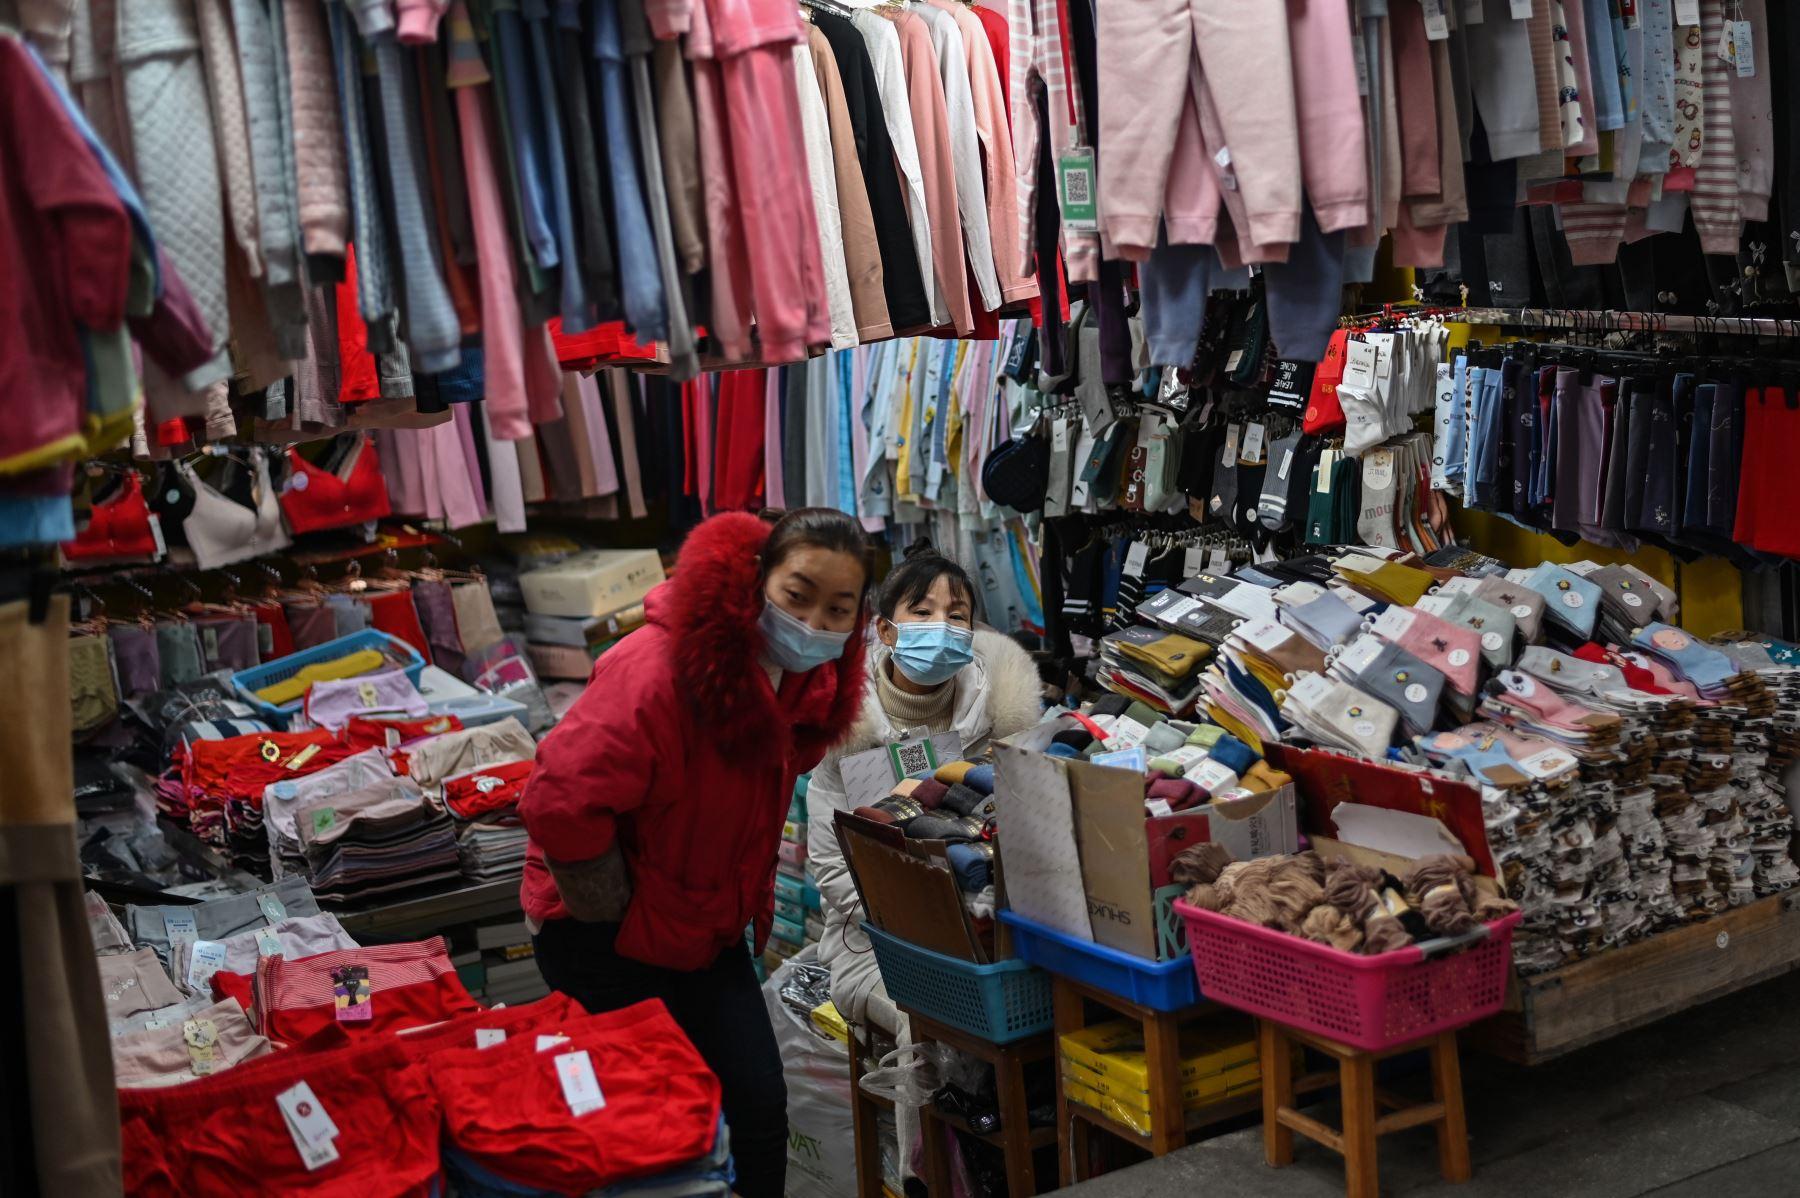 Los vendedores que usan máscaras faciales como medida preventiva contra el coronavirus Covid-19 esperan a los clientes en una tienda en Wuhan. Foto: AFP